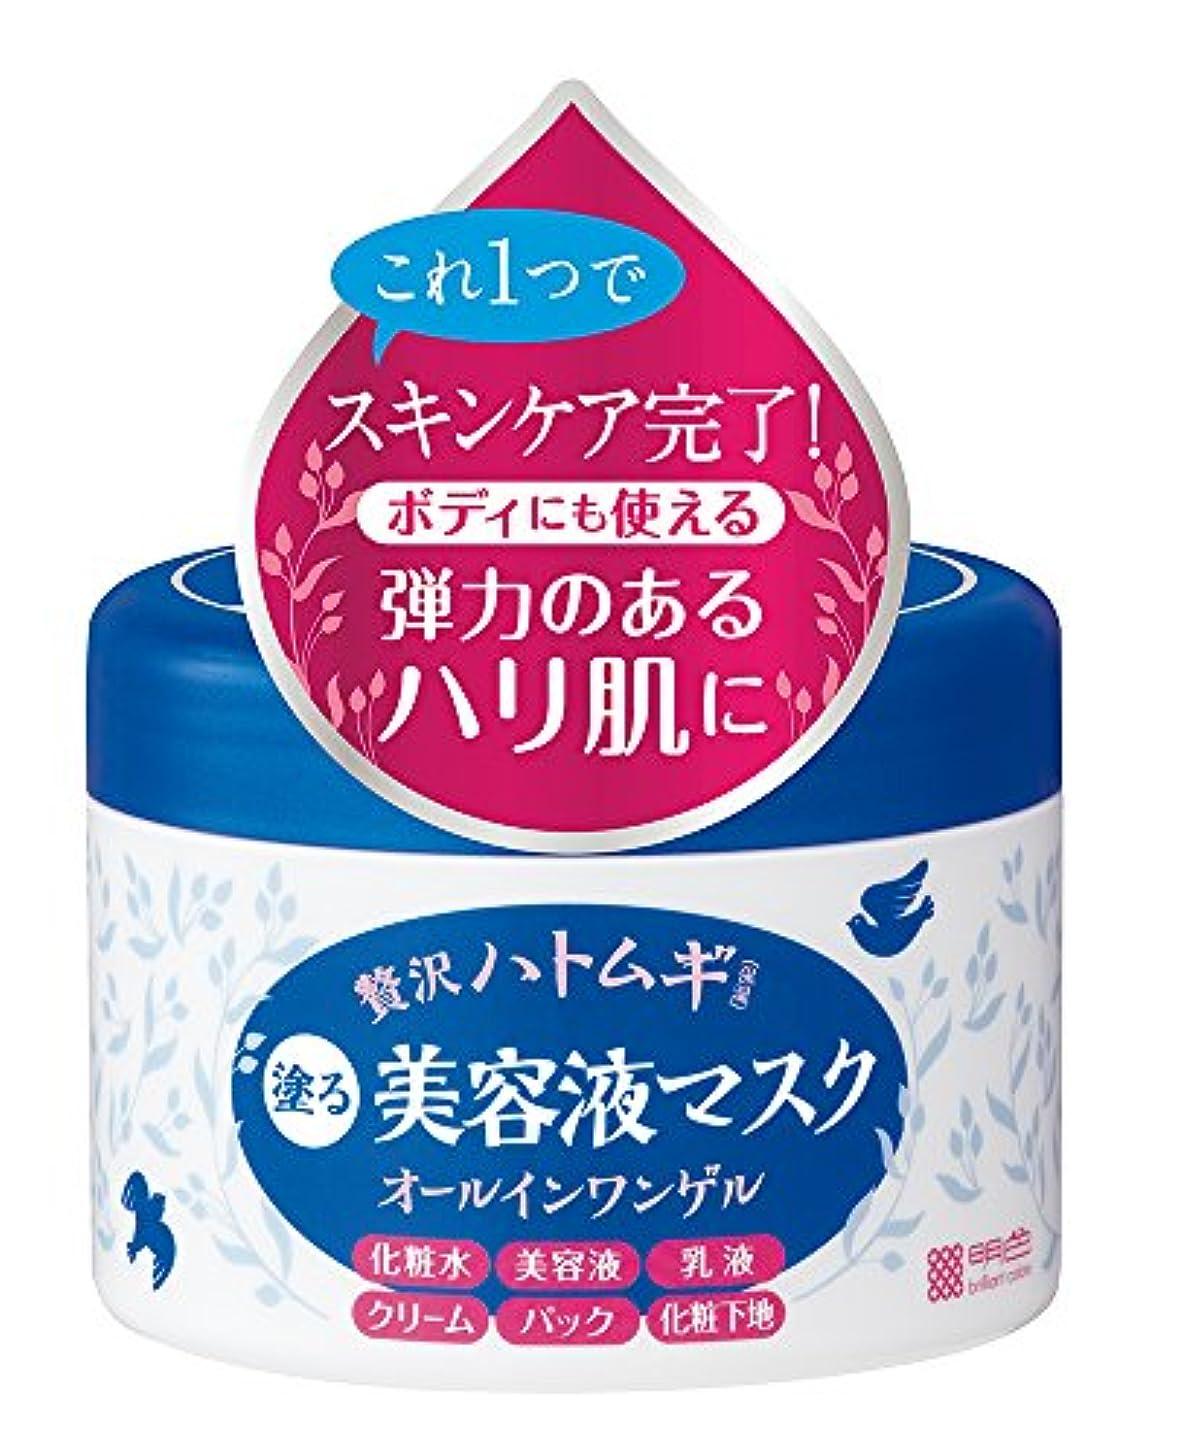 ひばりマトロン持続するヒアルモイスト うるすべ肌クリーム 200g